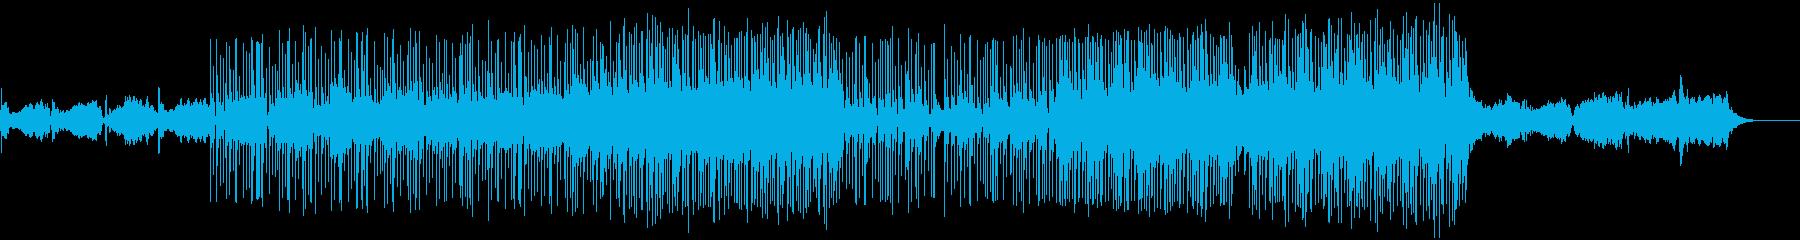 加速する素粒子、ミクロな世界のナノビートの再生済みの波形